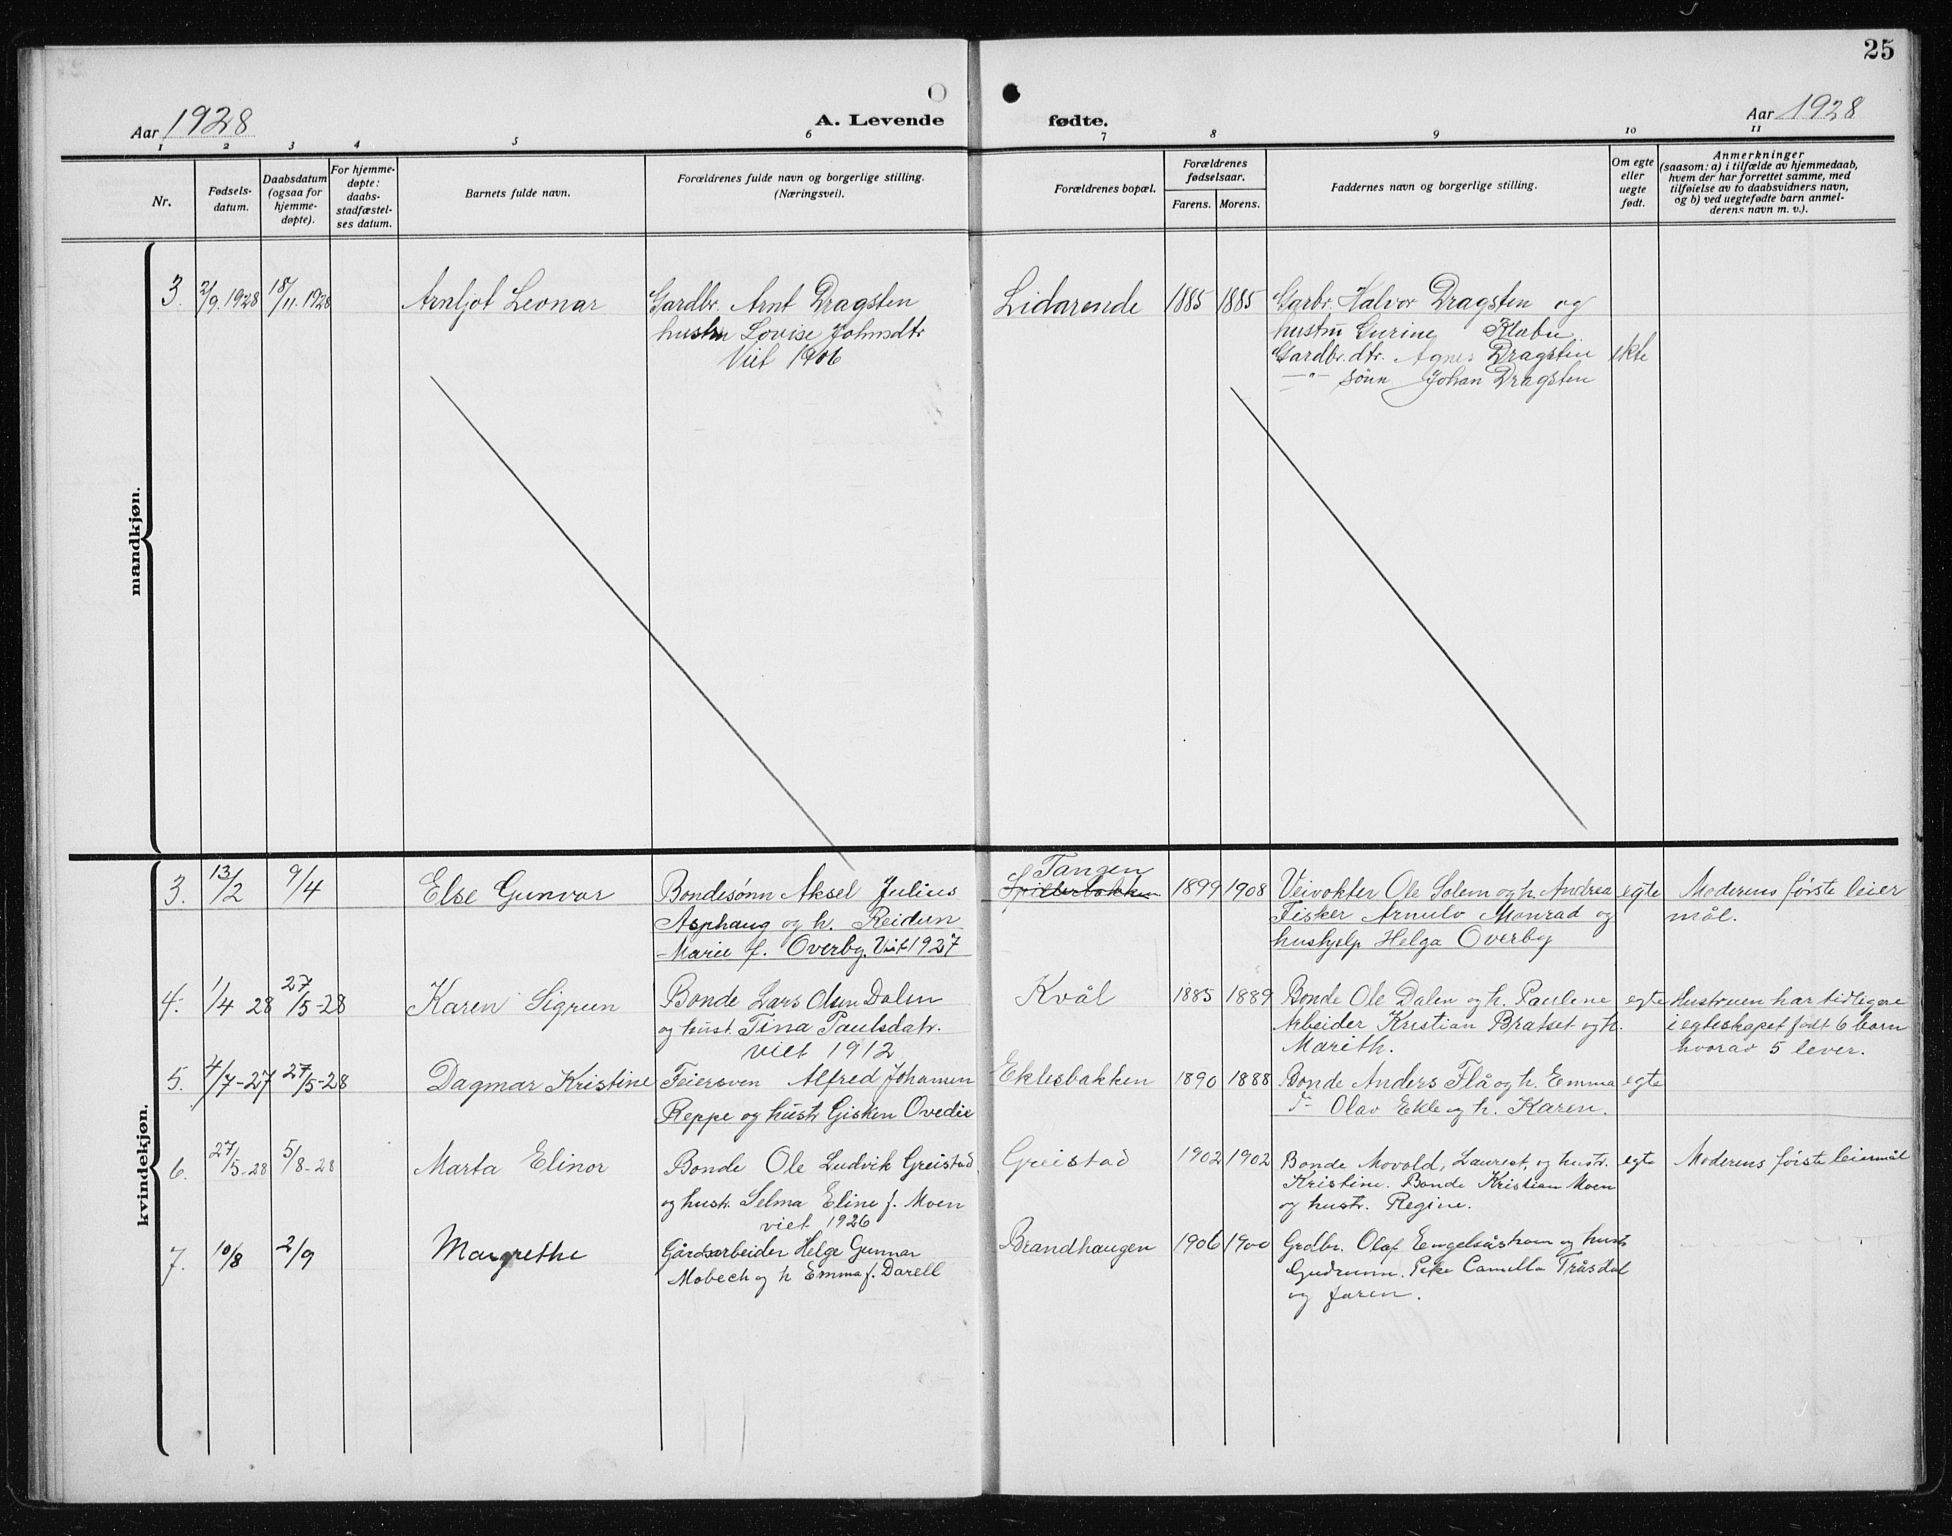 SAT, Ministerialprotokoller, klokkerbøker og fødselsregistre - Sør-Trøndelag, 608/L0342: Klokkerbok nr. 608C08, 1912-1938, s. 25